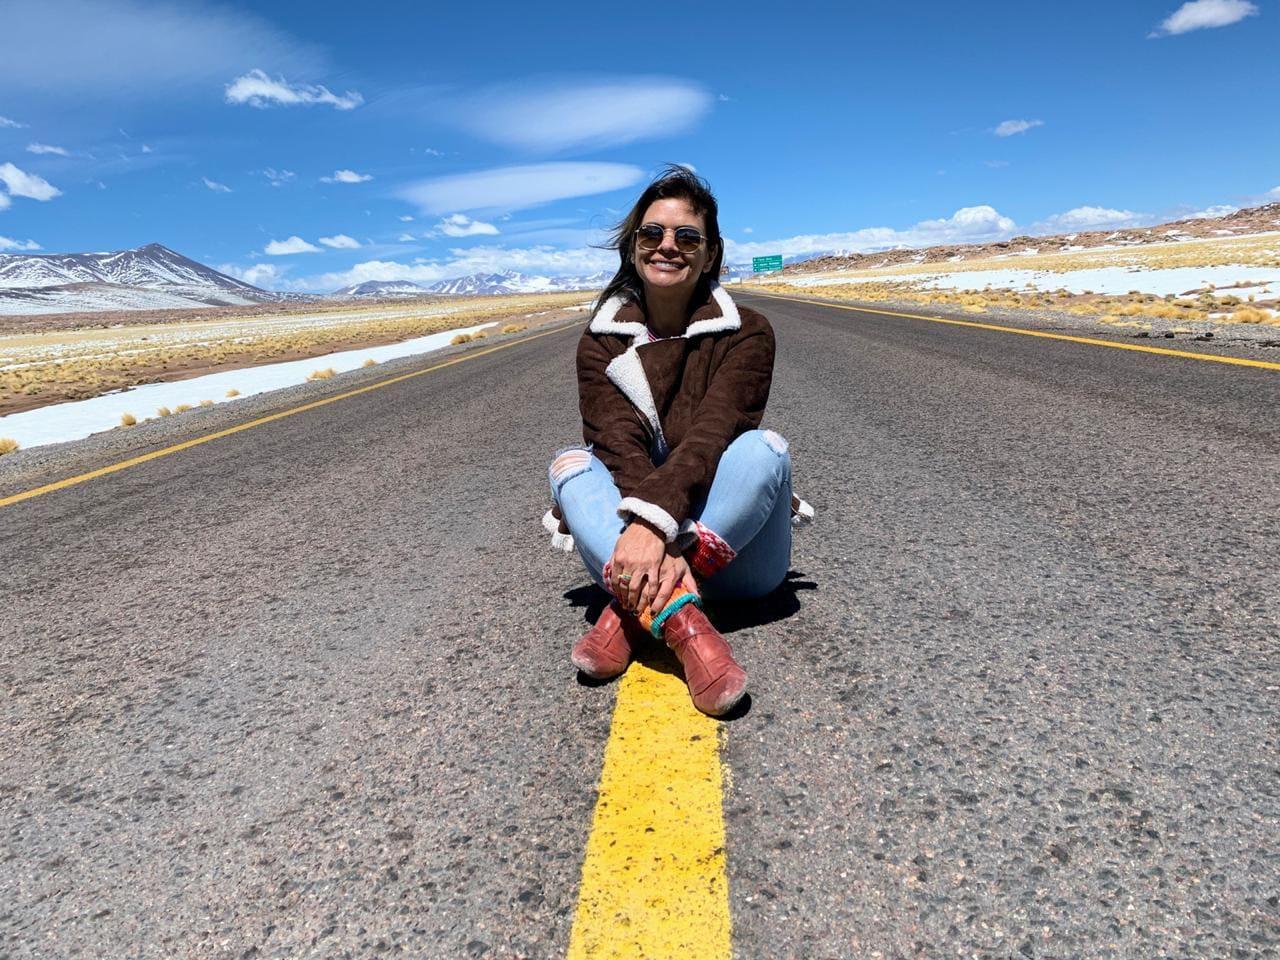 Turismo No Chile: De Norte A Sul, Conheça 3 Destinos Imperdíveis